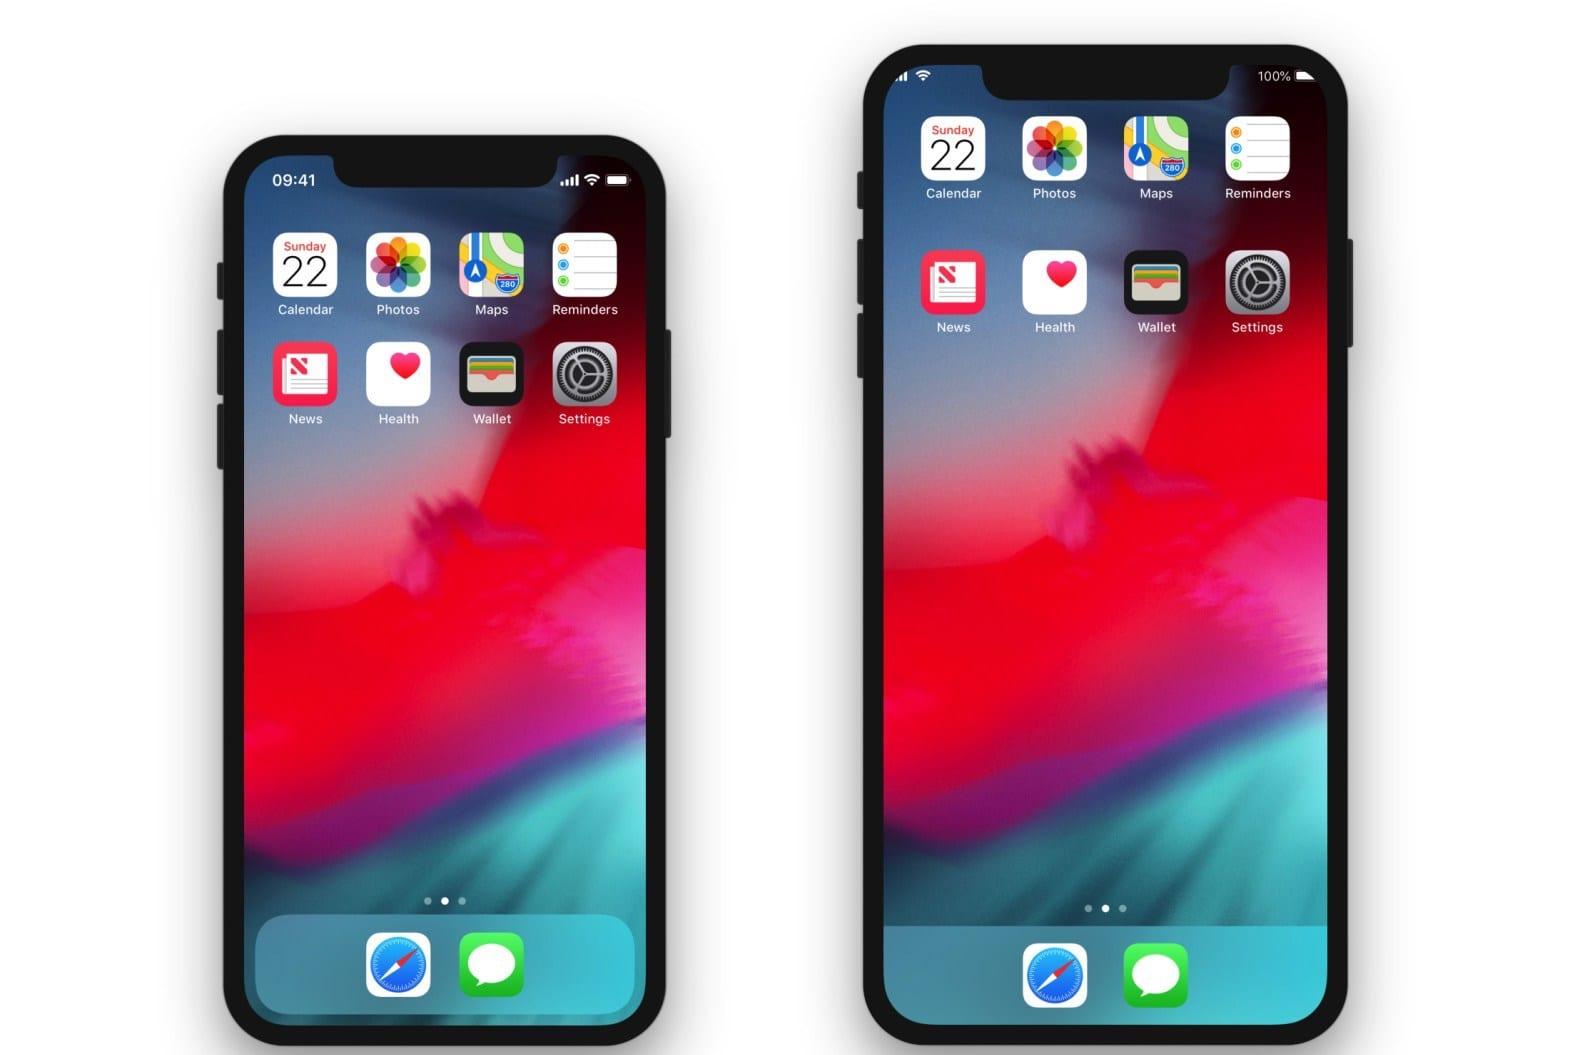 XS Plus Home iPhone - Čo chystá Apple na september – lacný MacBook, väčší iPhone a ďalšie novinky